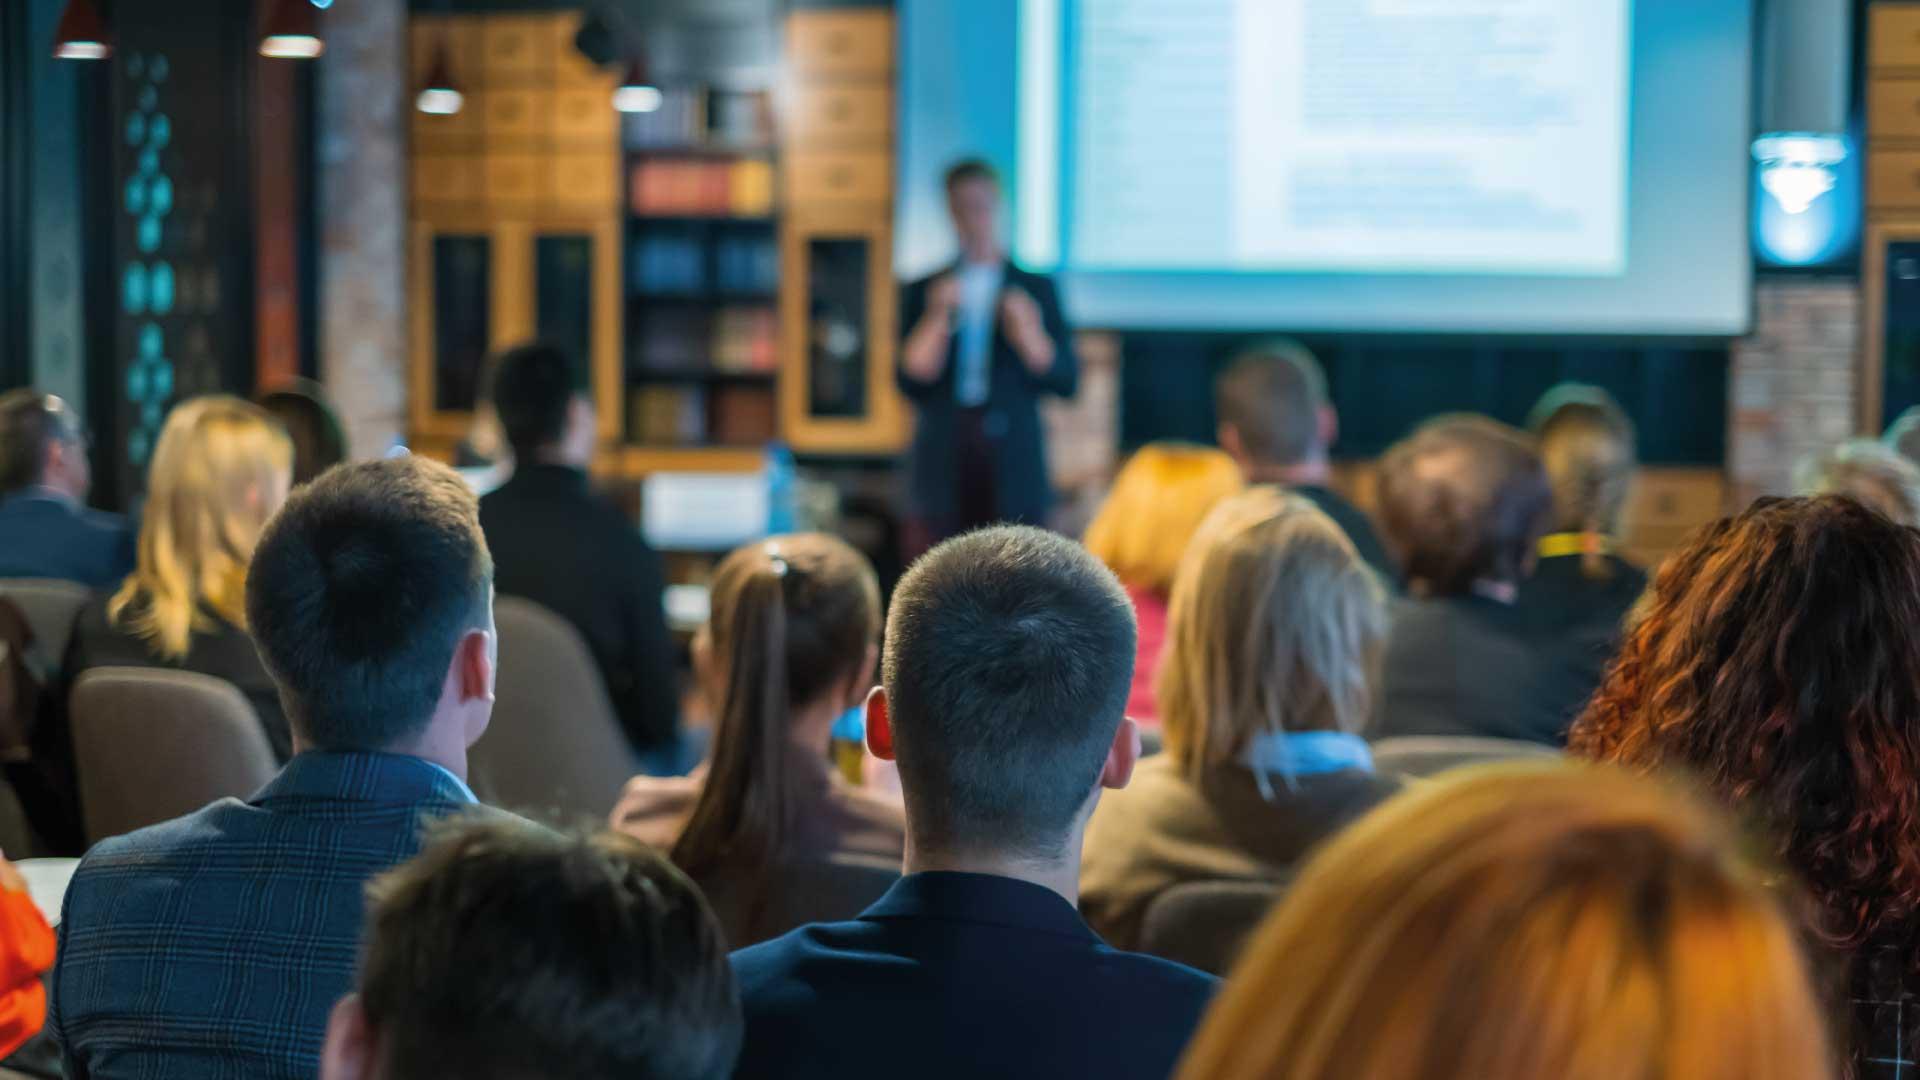 Relacionamiento Interpersonal factor clave en el potencial de líderes